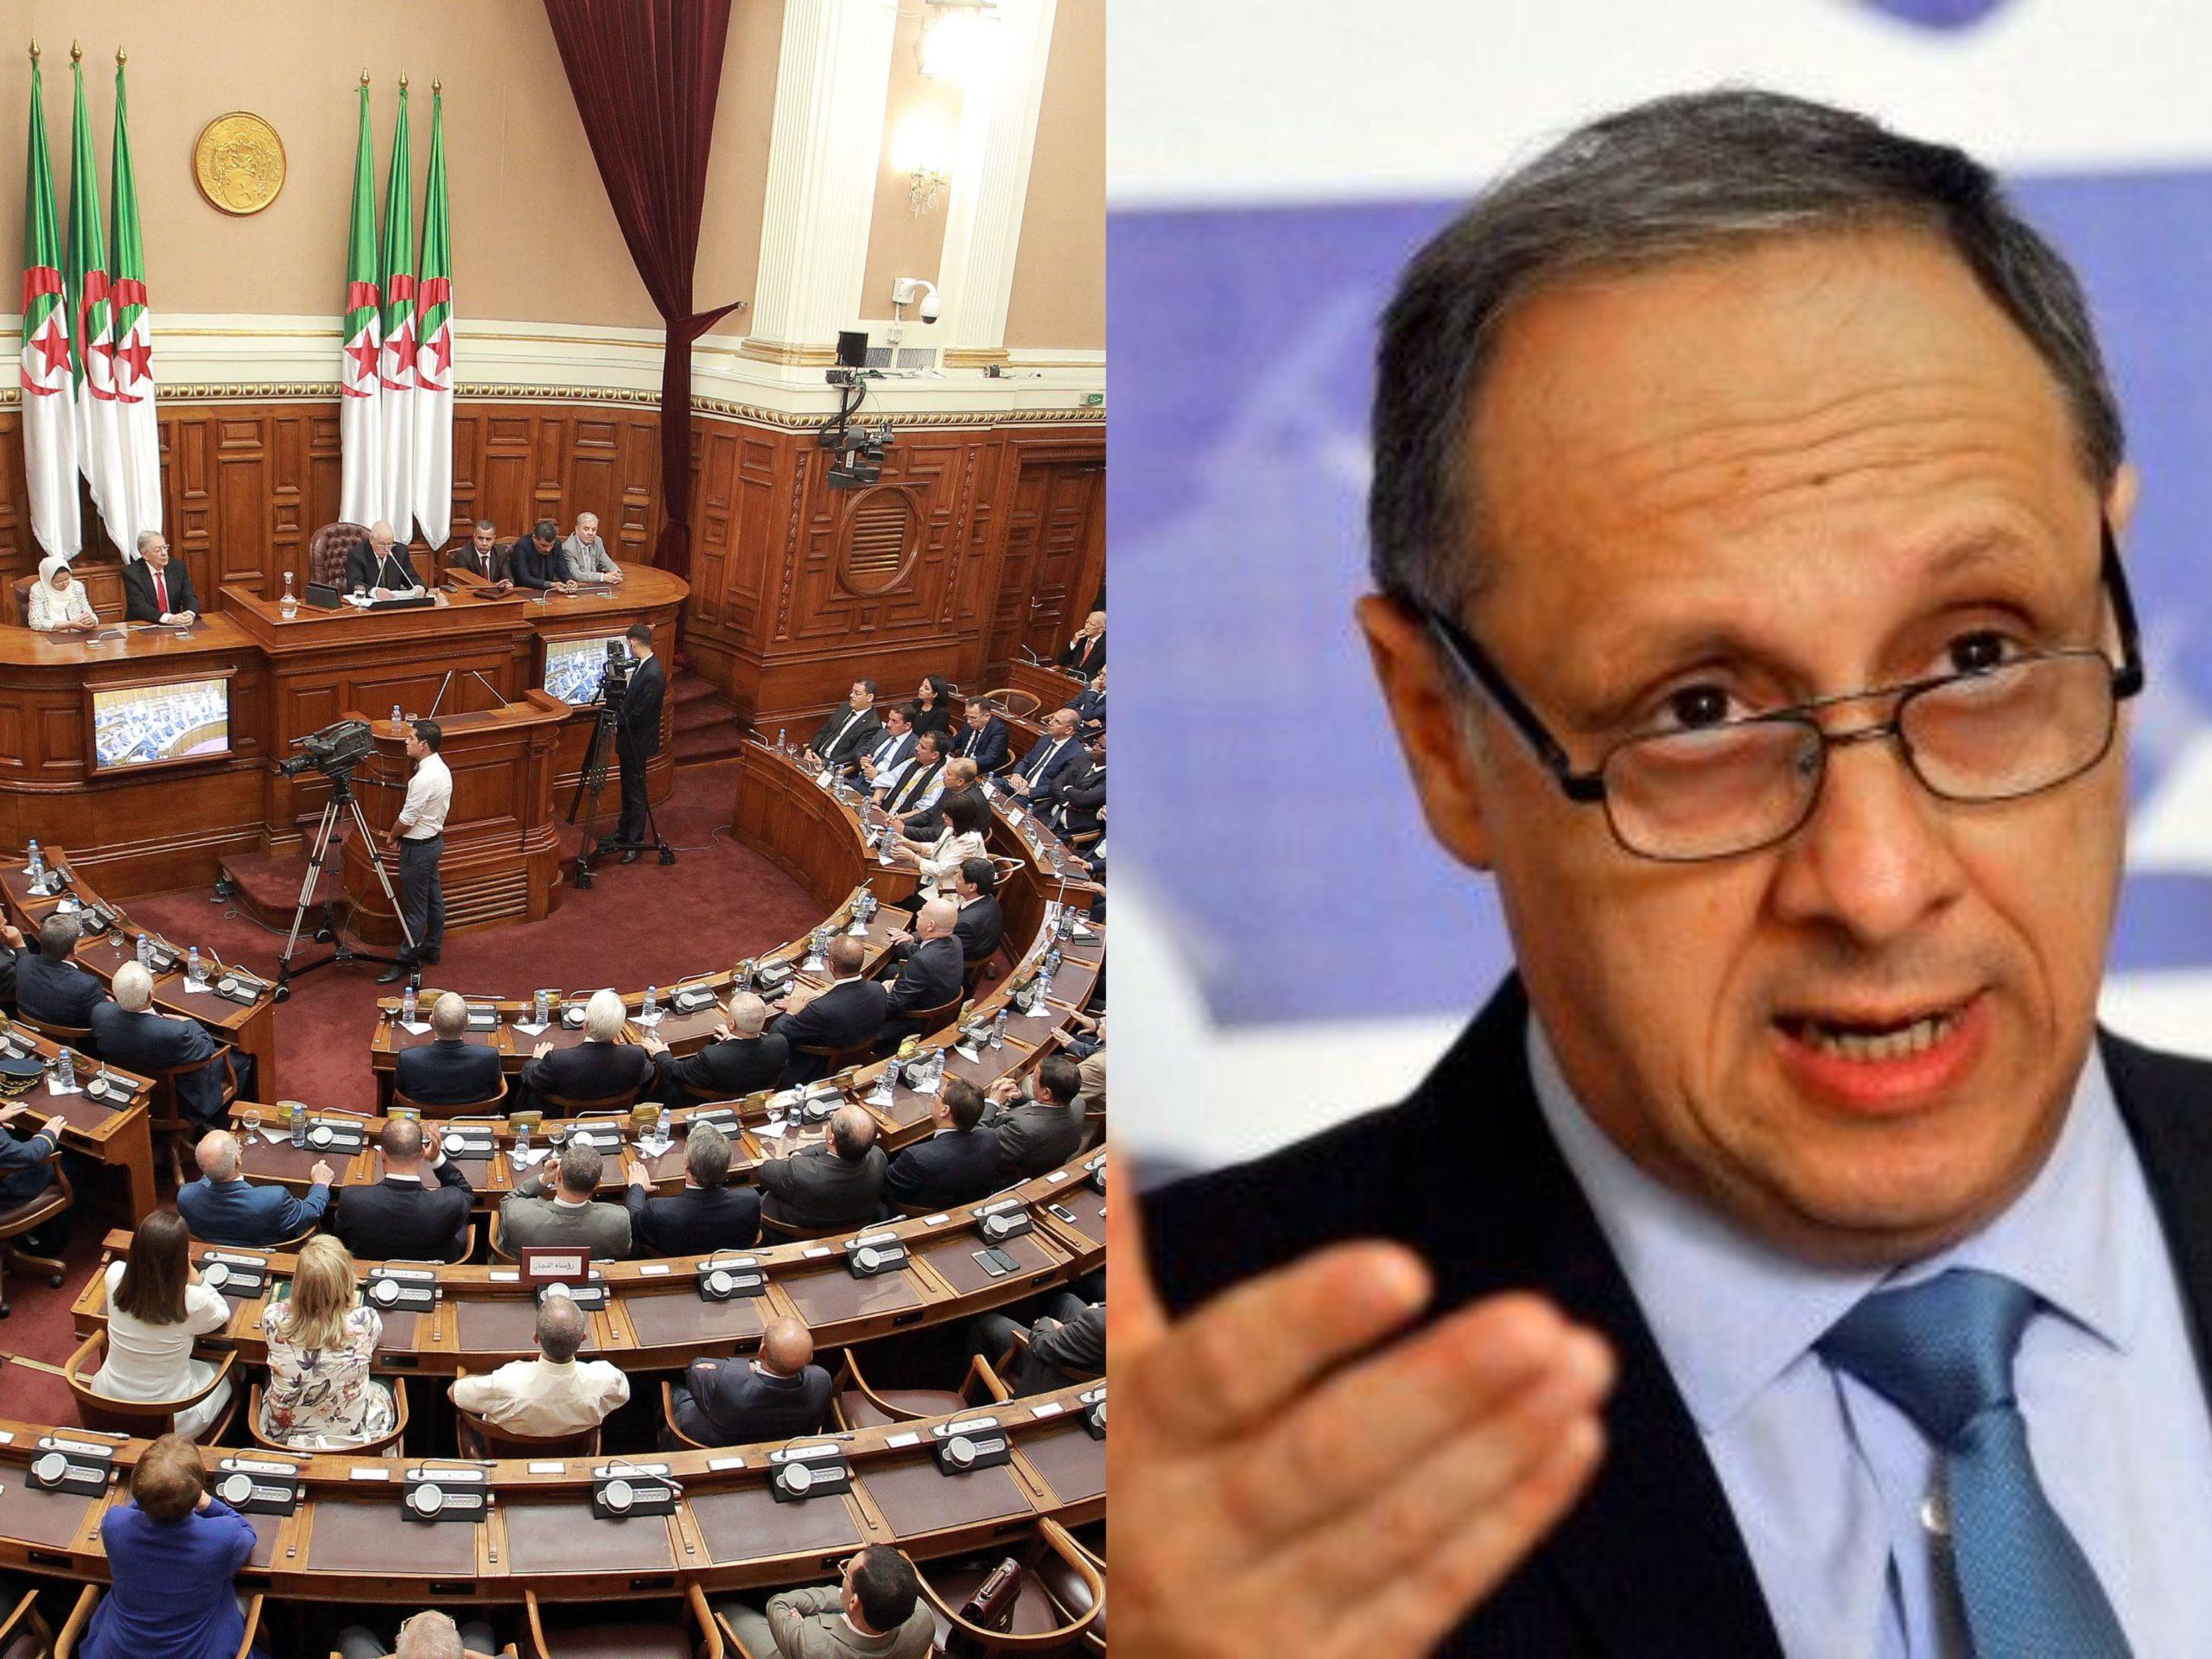 مقابلة : ما هي الإيجابيات والسلبيات في مشروع تعديل الدستور الجزائري الذي سيُعرض على الجزائريين؟